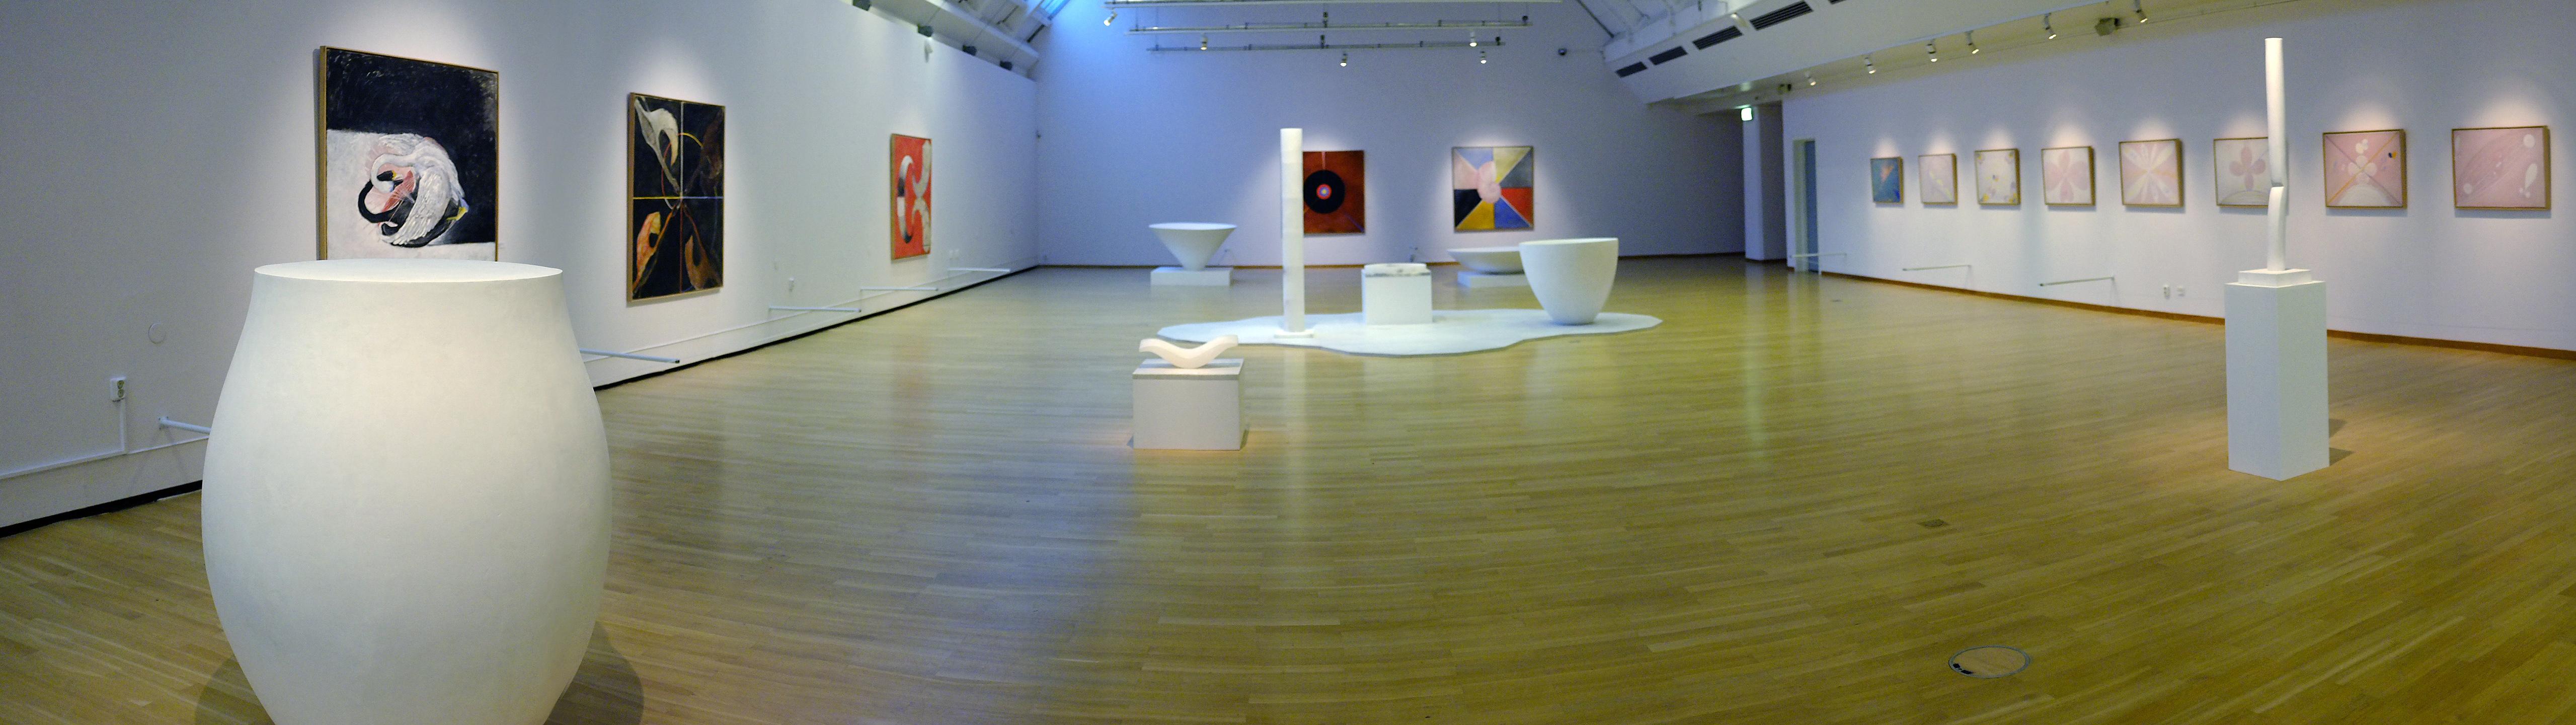 Stort rum med flera skulpturer